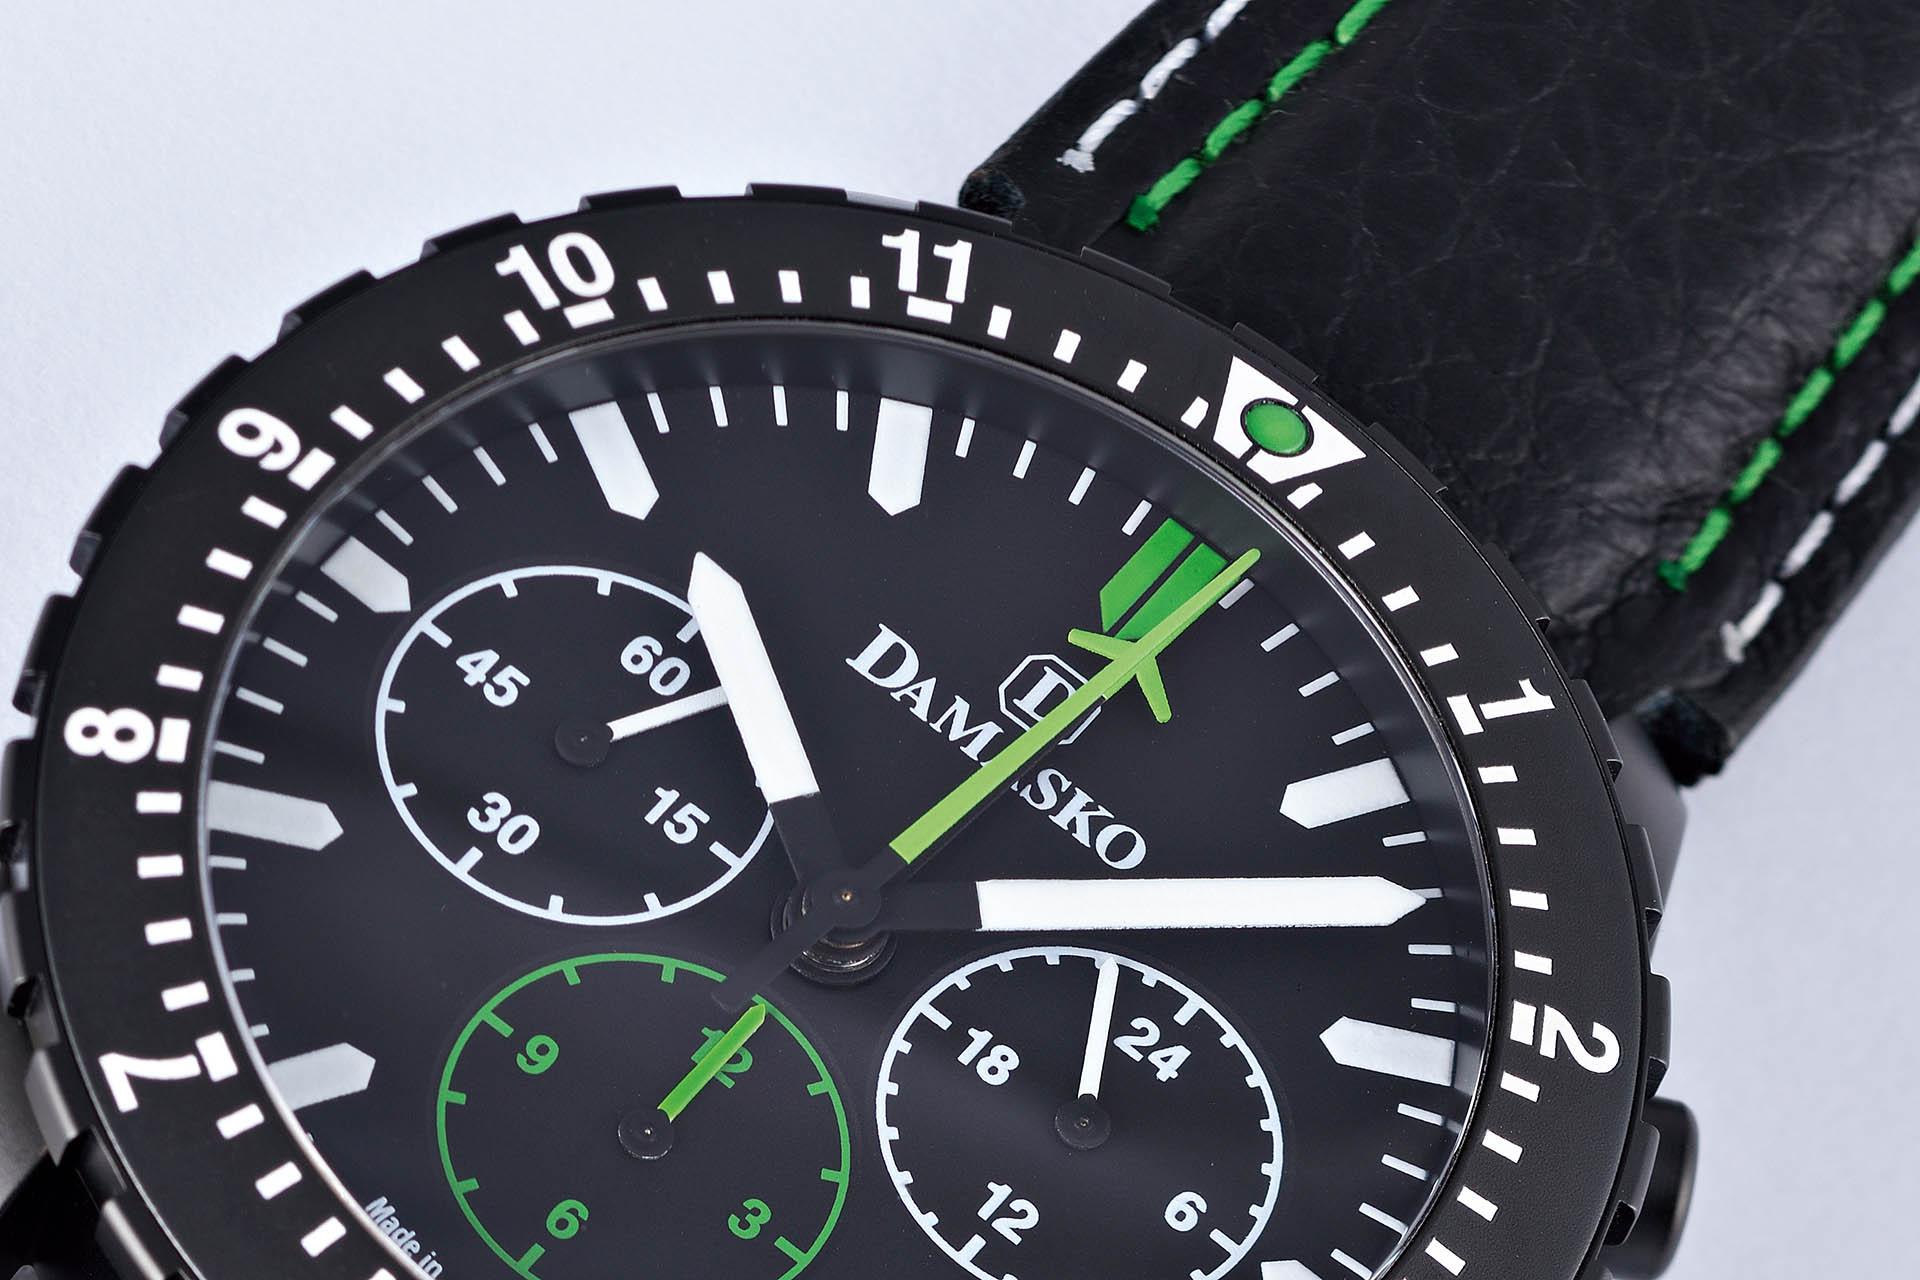 Das Modell DC 86 von Damasko hat ein gut ablesbares Zifferblatt. Die Anzeigen für den Chronographen sind in Grün gehalten: Der Sekundenzähler und der Minutenzähler mit einer Flugzeug-Silhouette als Spitze rotieren aus der Mitte. Der Stundenzähler befindet sich bei der «6».